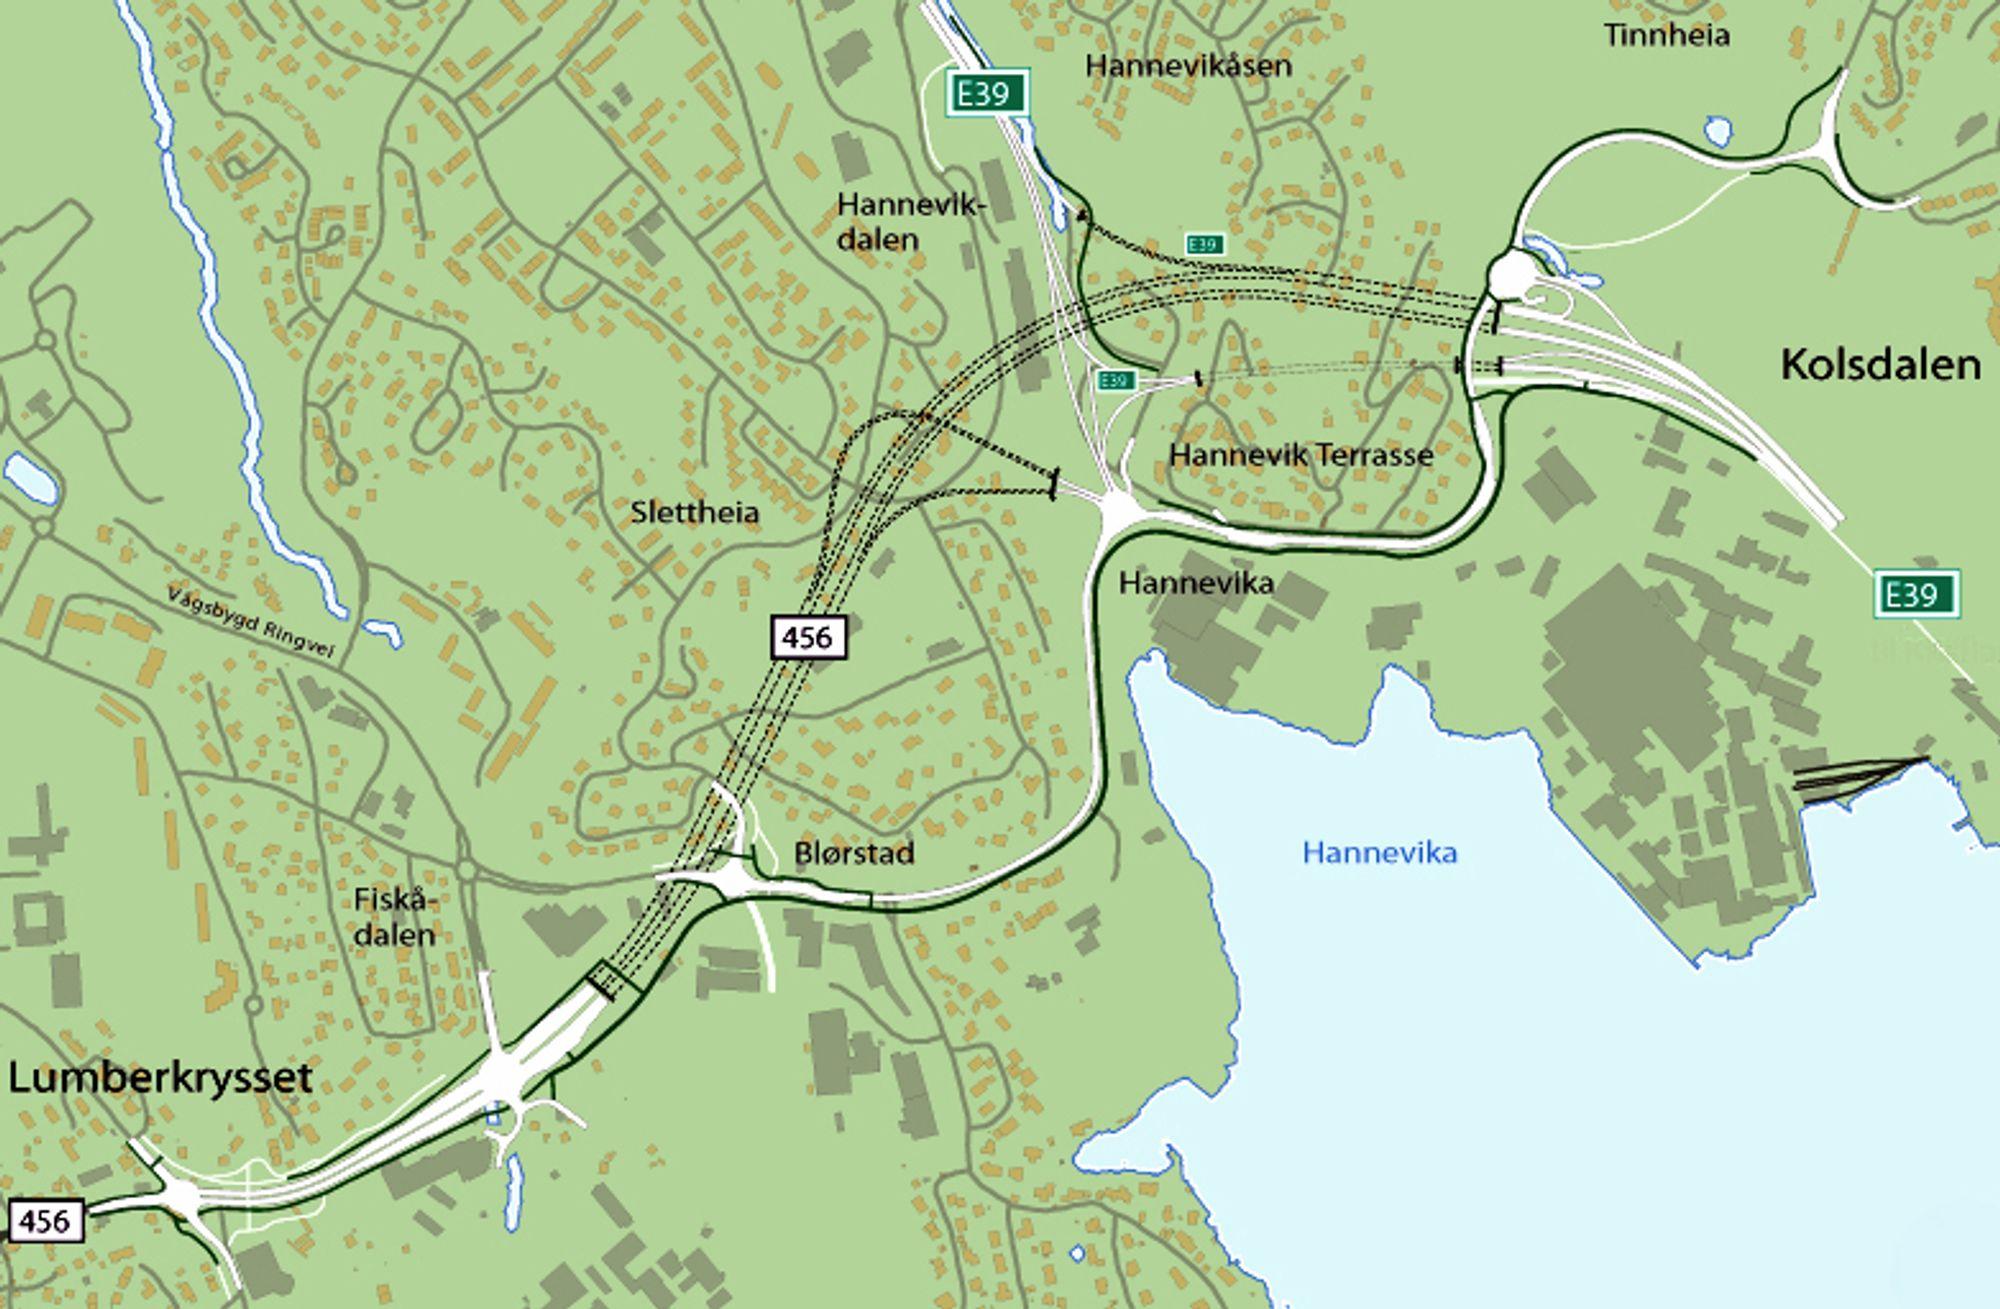 Et arbeidsfellesskap mellom NCC og Repstad Anlegg fra Søgne ligger svært godt an til å få kontrakten på utbygging av Vågsbygdvegen.